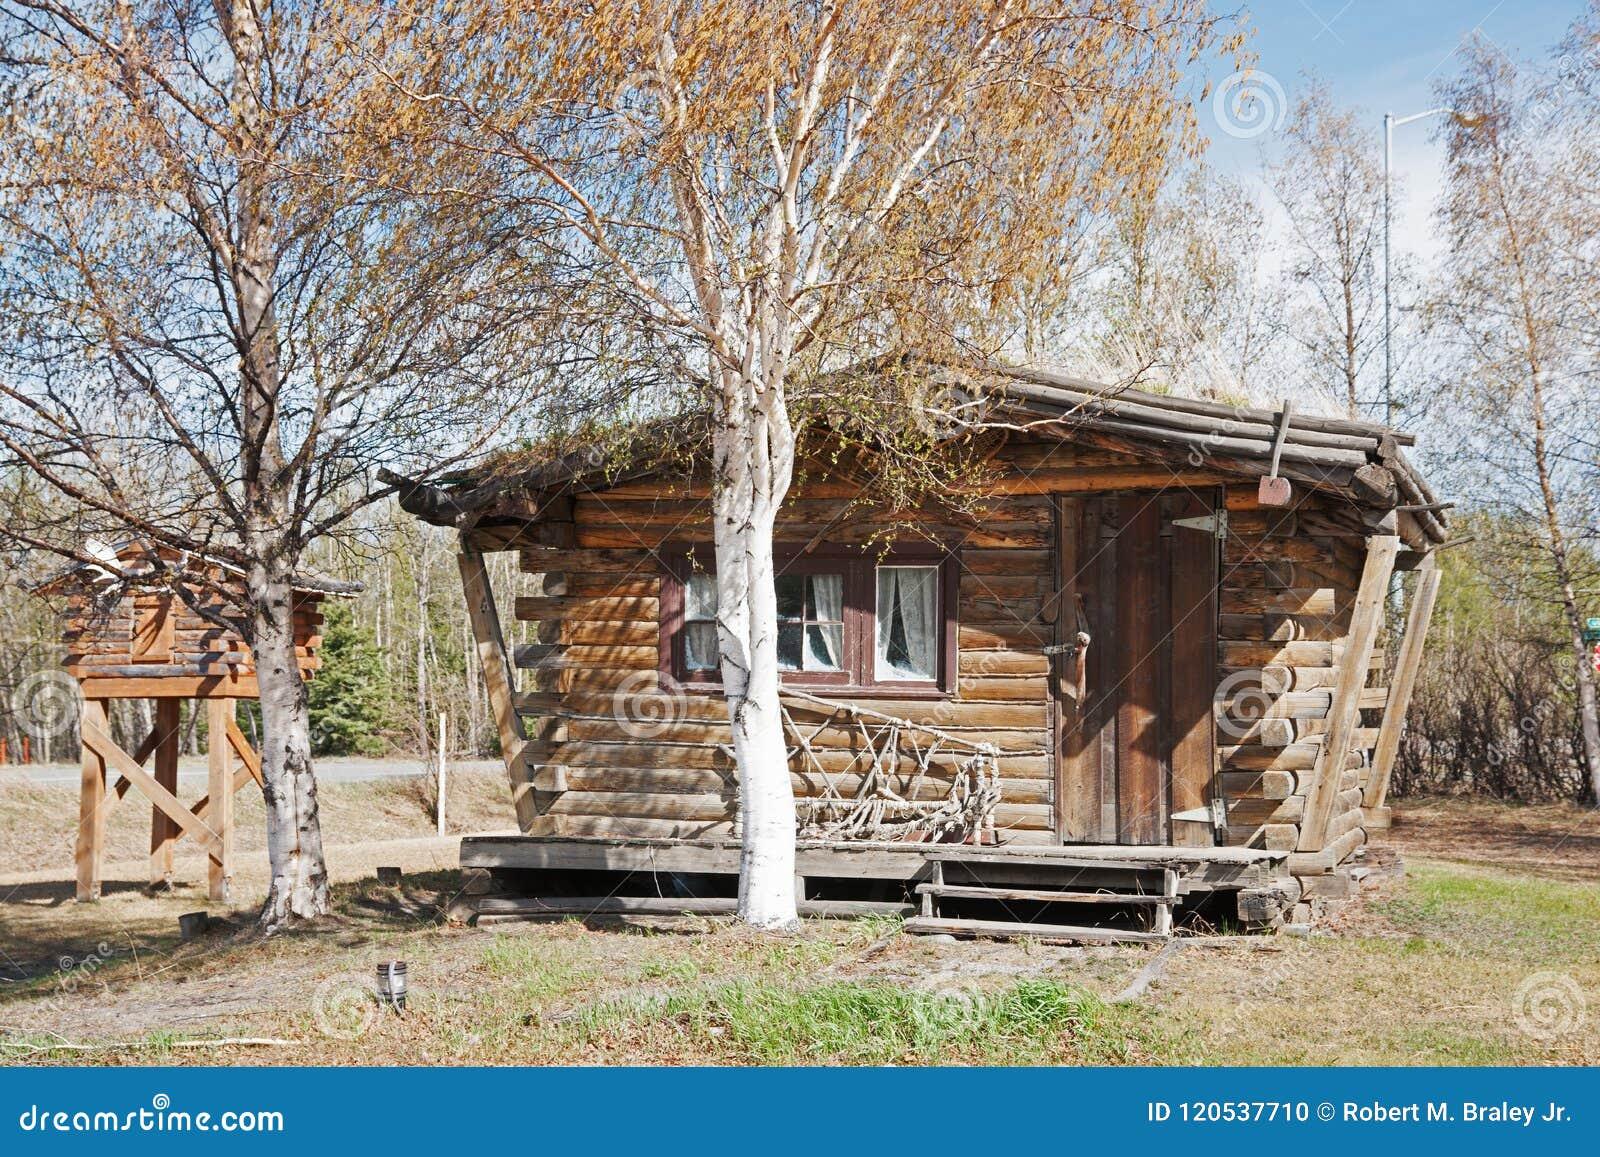 Log Buildings Delta Junction Alaska